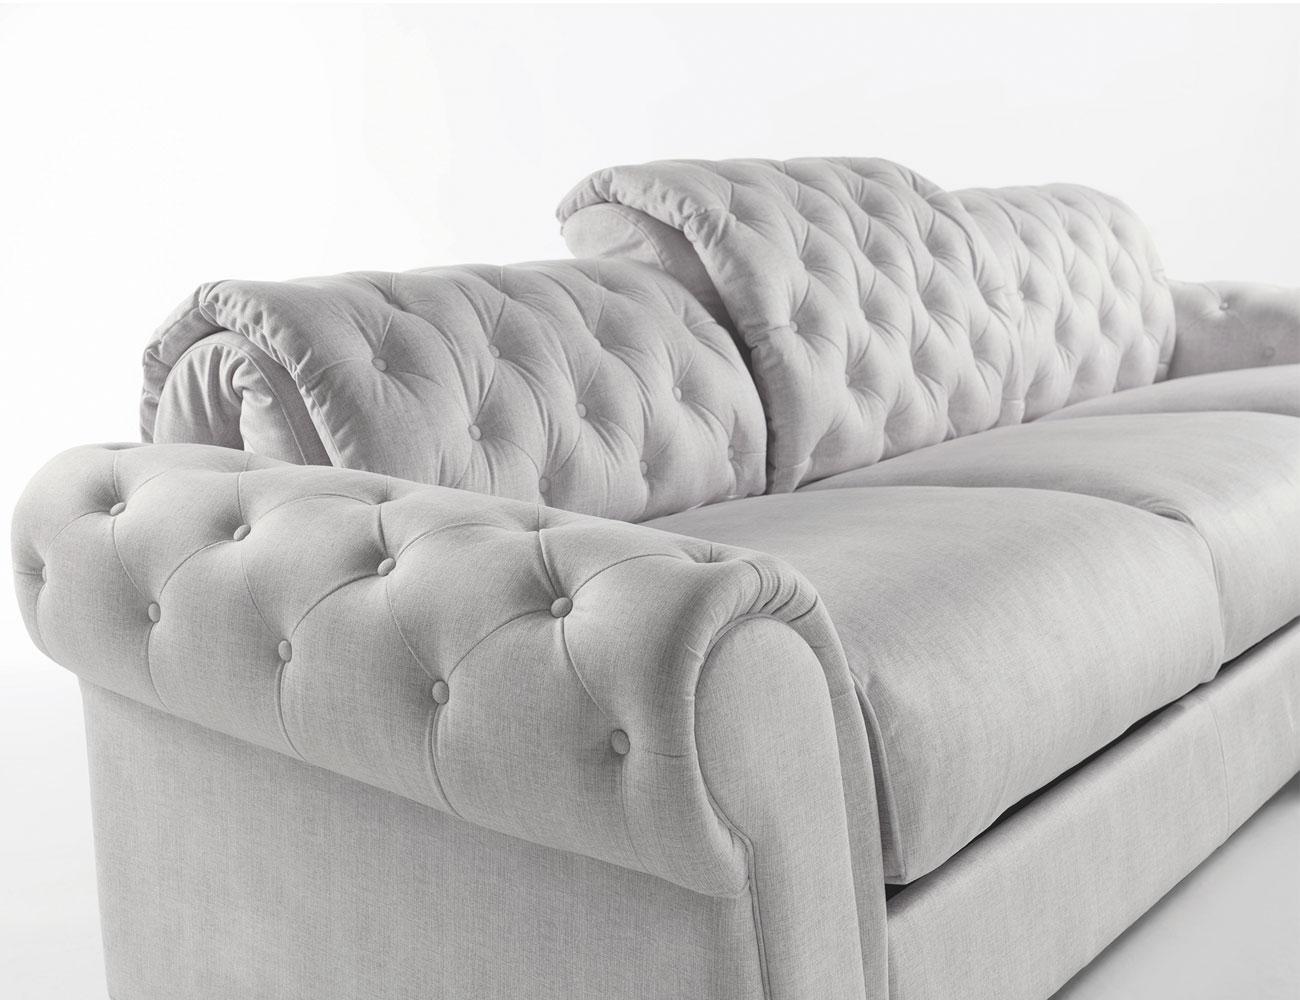 Sofa chaiselongue gran lujo decorativo capitone blanco tela 149